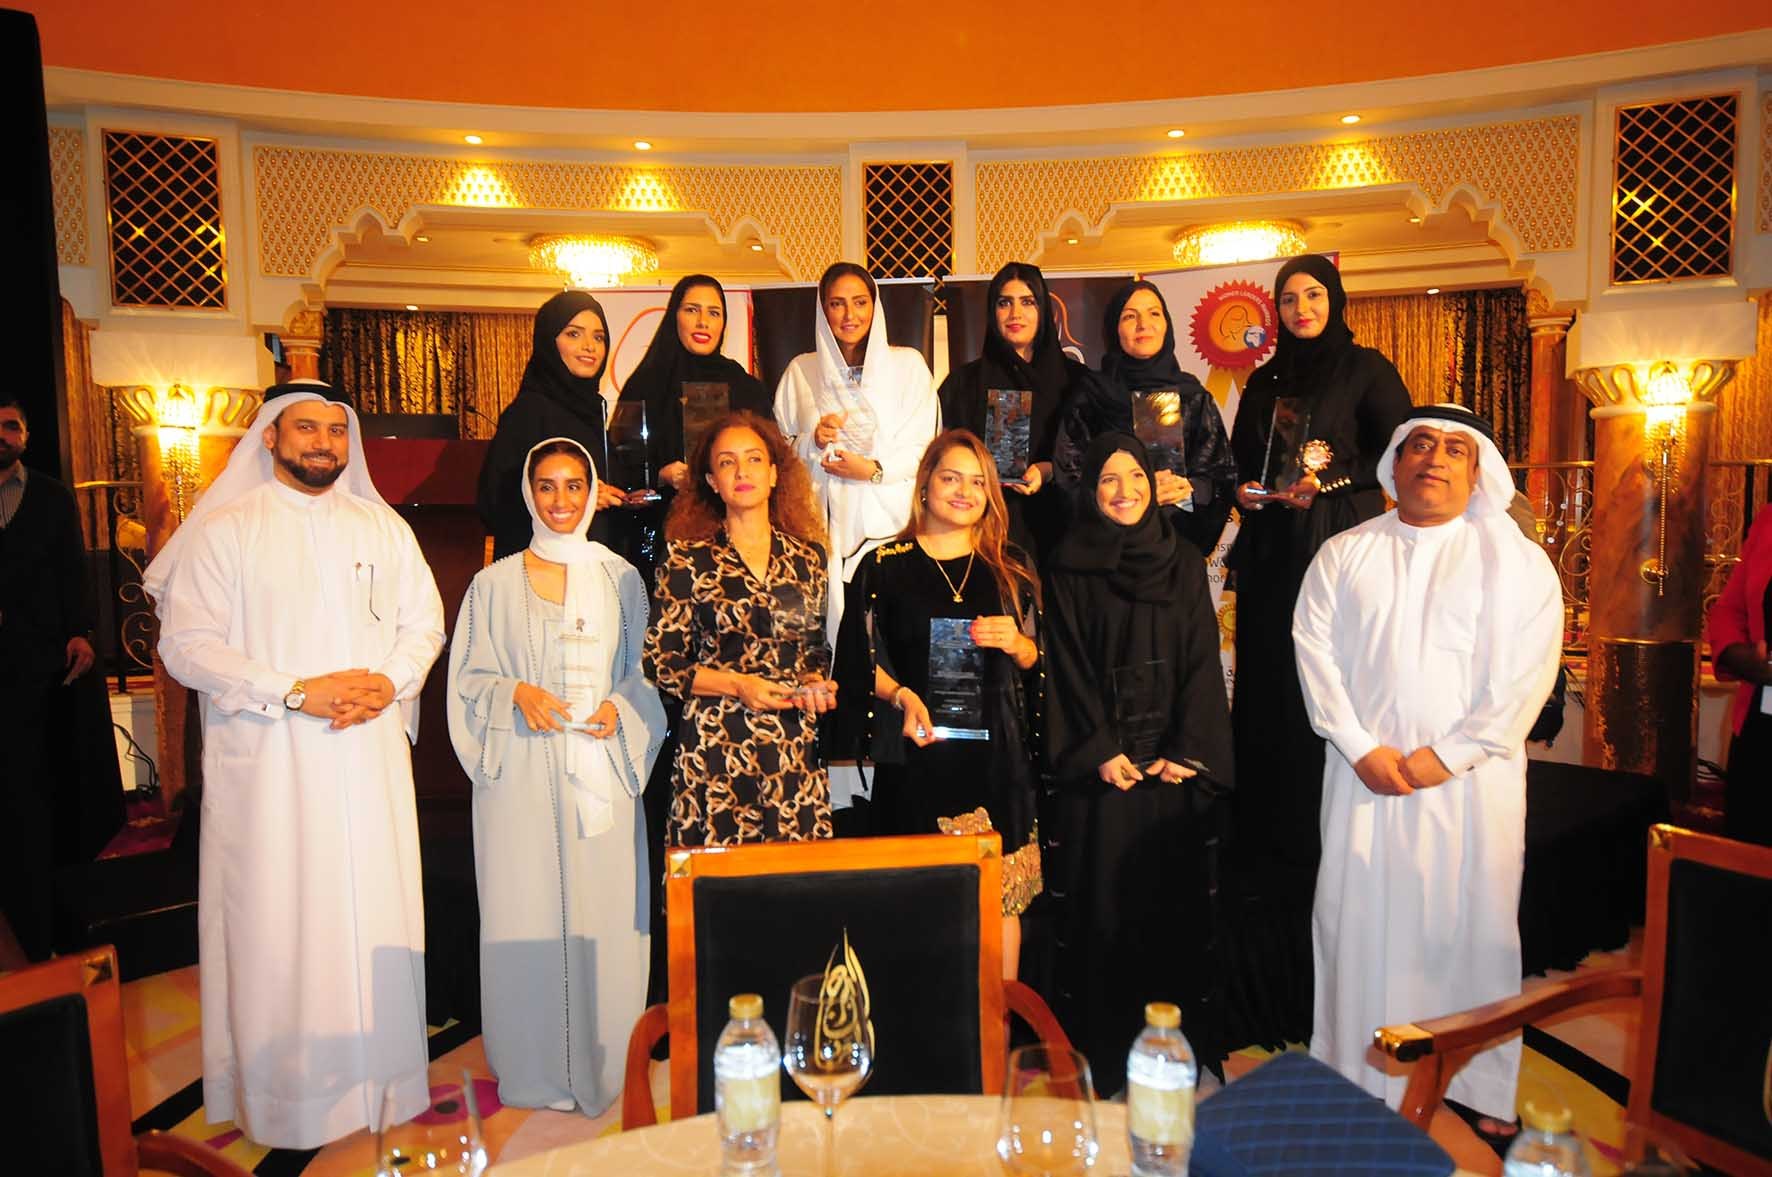 تكريم القياديات الفائزات بجائزة الشرق الأوسط للتميز